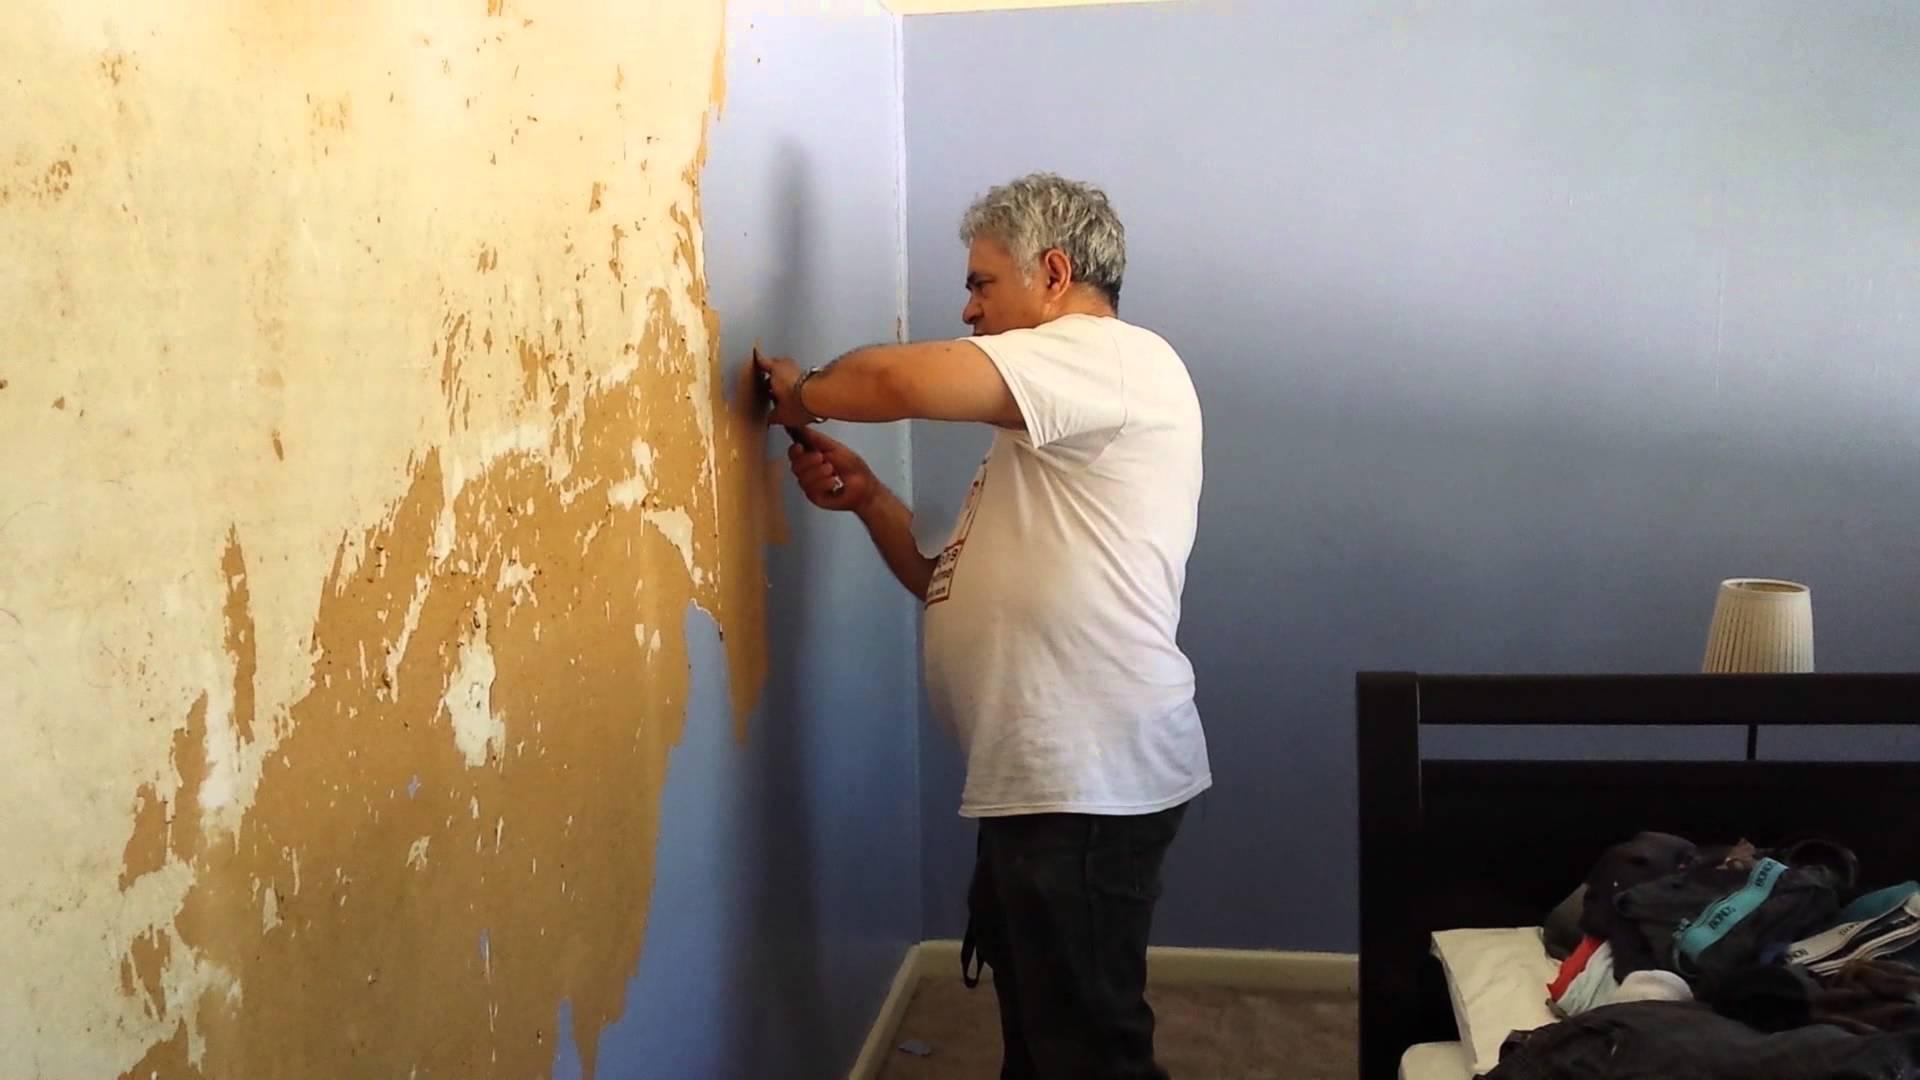 Wallpaper Removal Sydney 0423688352